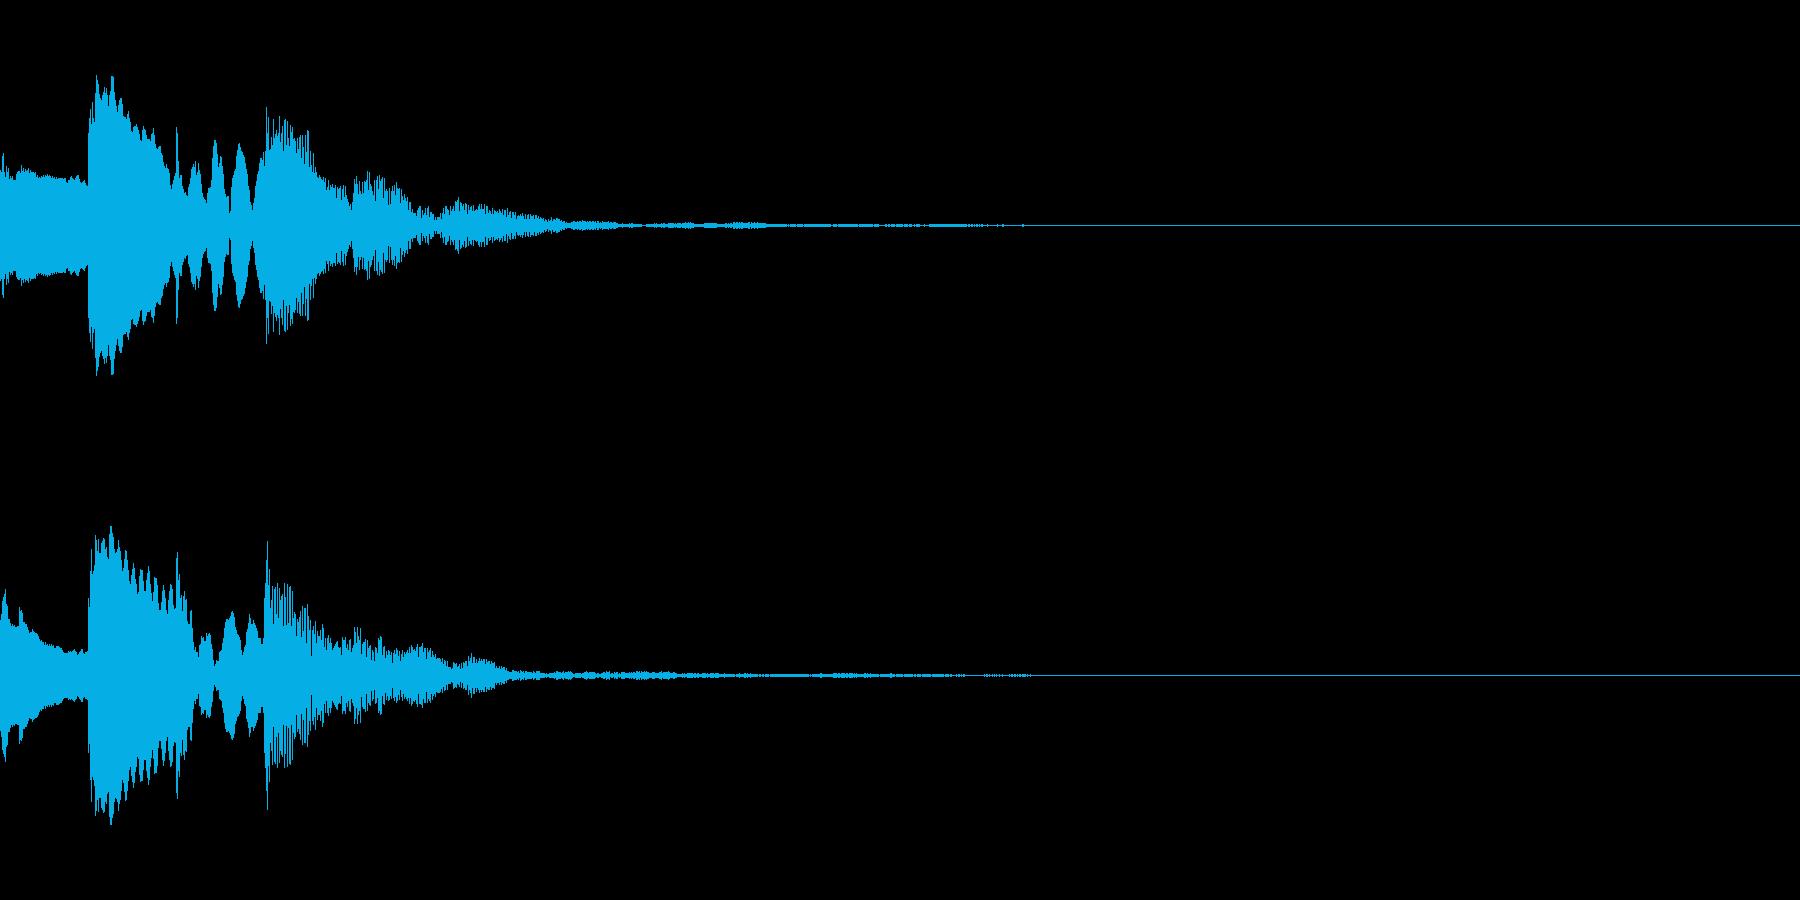 メール着信音風 ロゴ ピコピコンの再生済みの波形